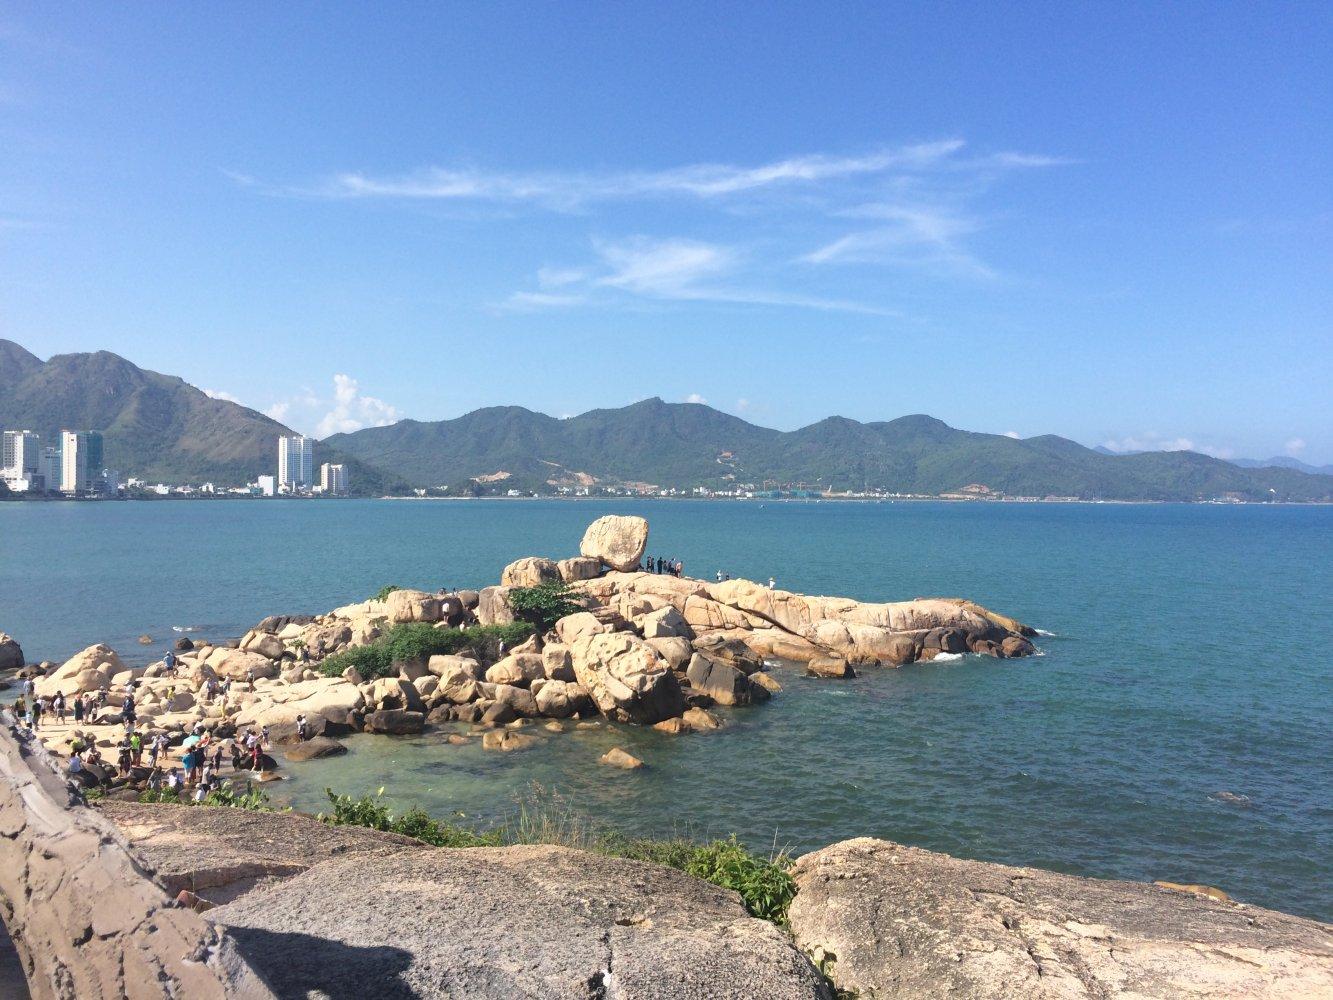 Вьетнам нячанг в ноябре отзывы туристов фото